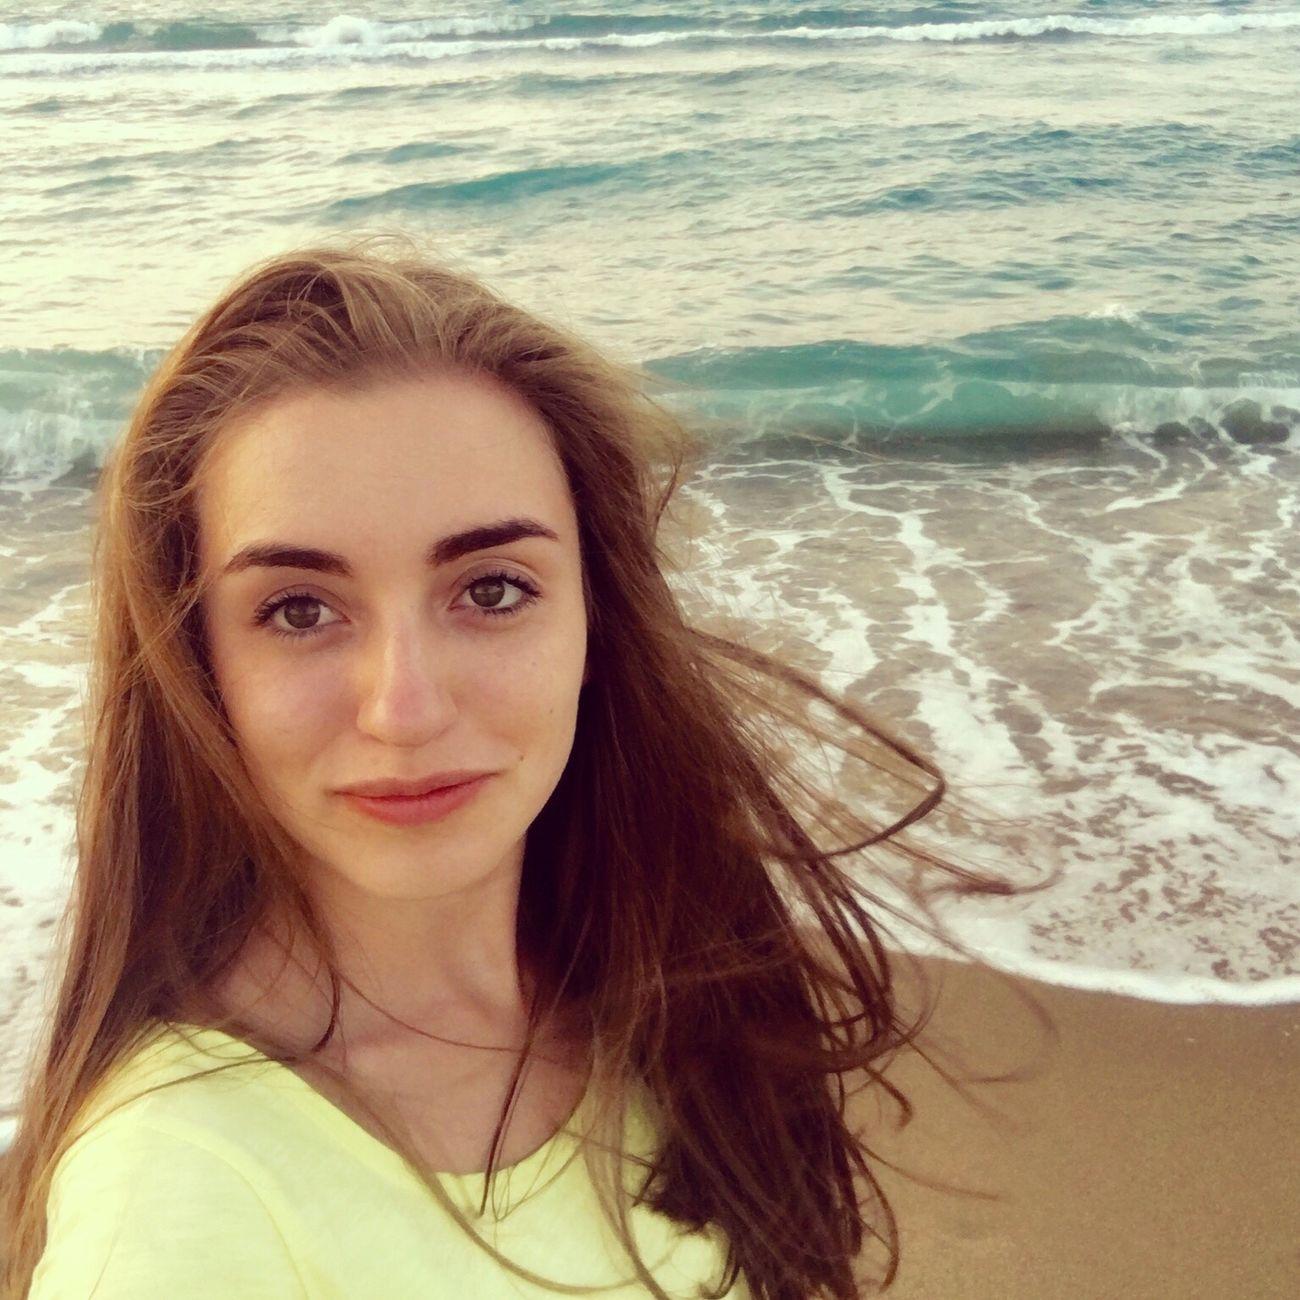 Russian Girl Beautiful Girl People Water Portrait Sea Self Portrait Beauty Beach